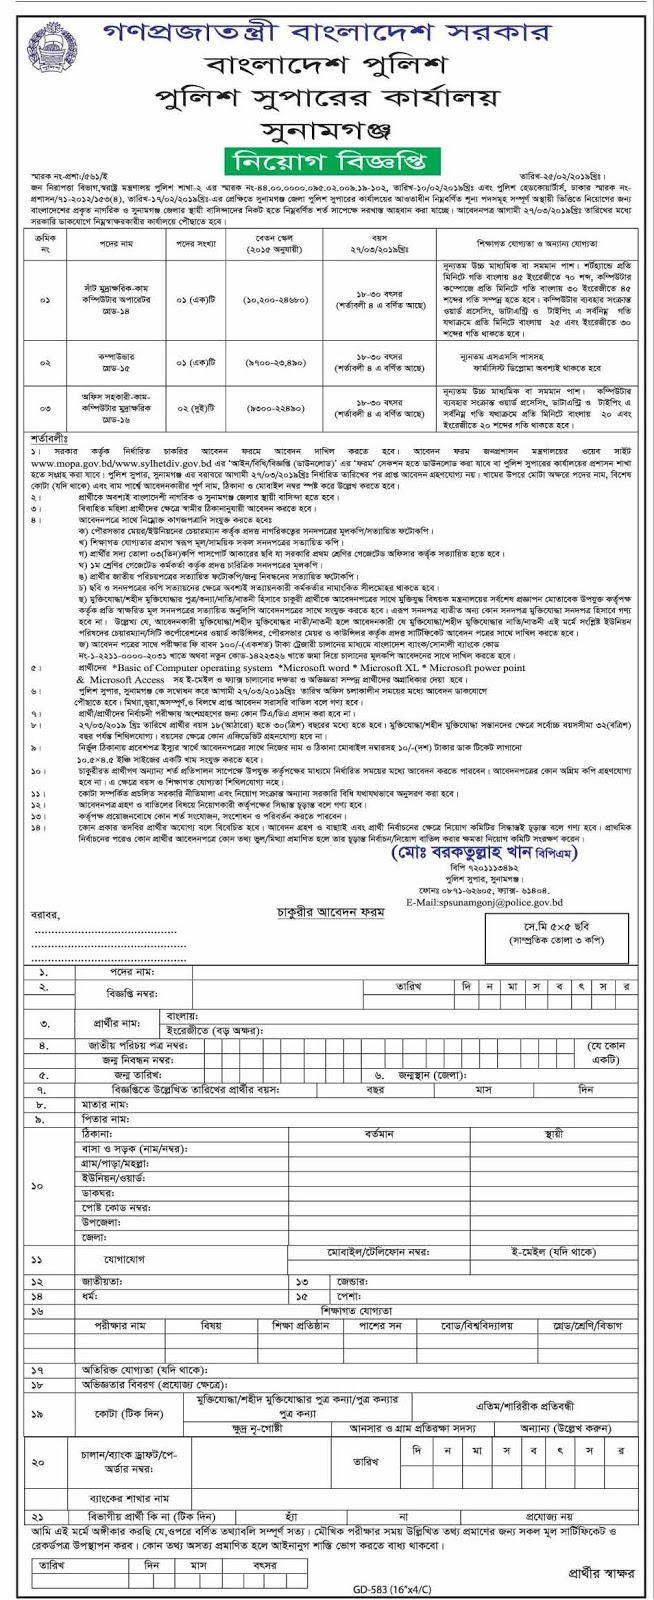 Bangladesh Police Jobs Circular 2019  বাংলাদেশ পুলিশ চাকরি সার্কুলার 2019  SamTipsBD (2)